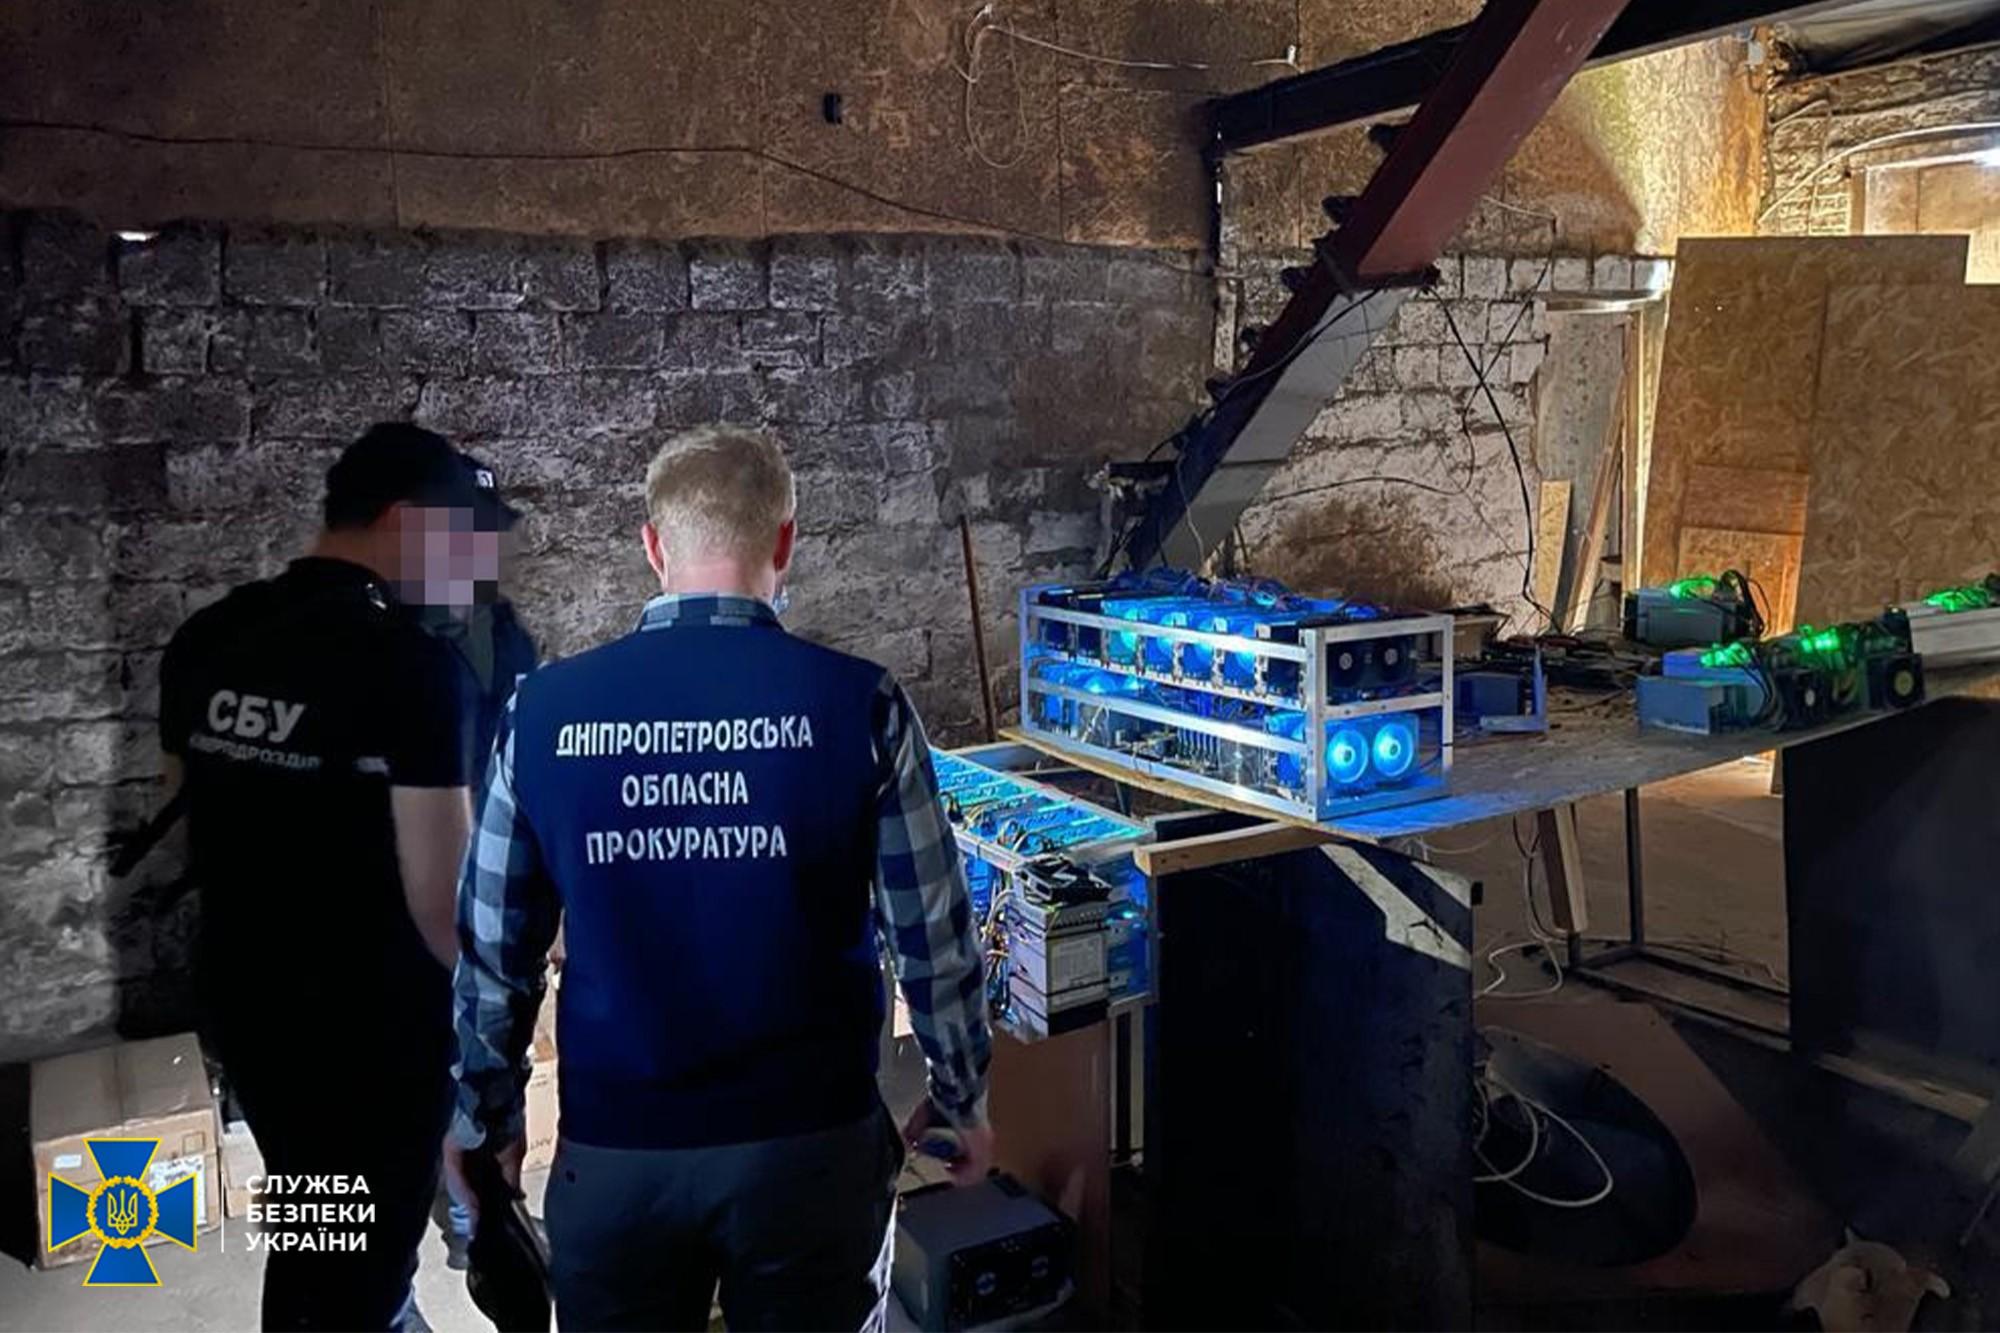 СБУ заблокировала дерзкую майнинг-ферму: криптовалюту добывали в сарае «прямо из трансформатора»